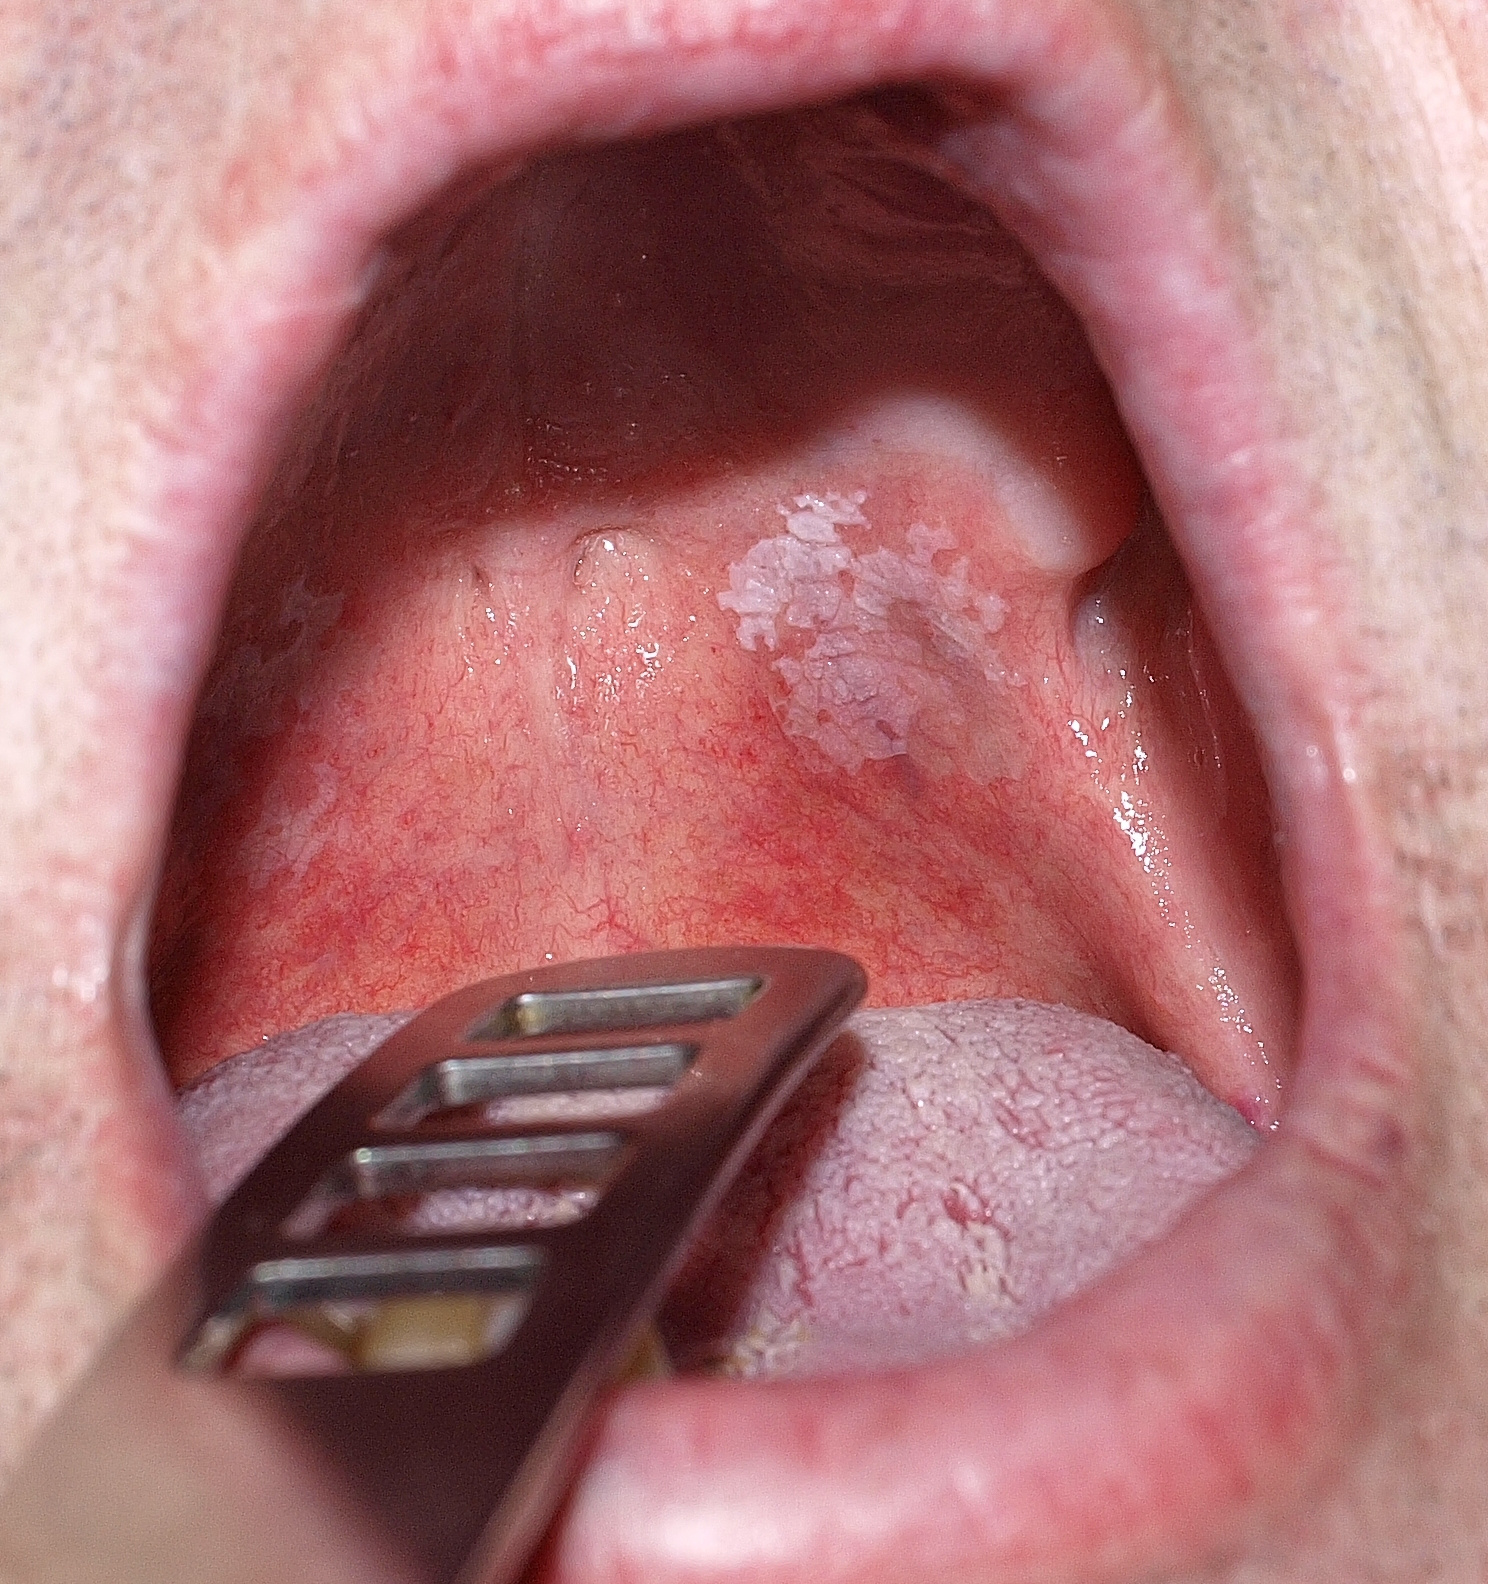 vörös foltok a szájpadon felnőttek kezelésében)